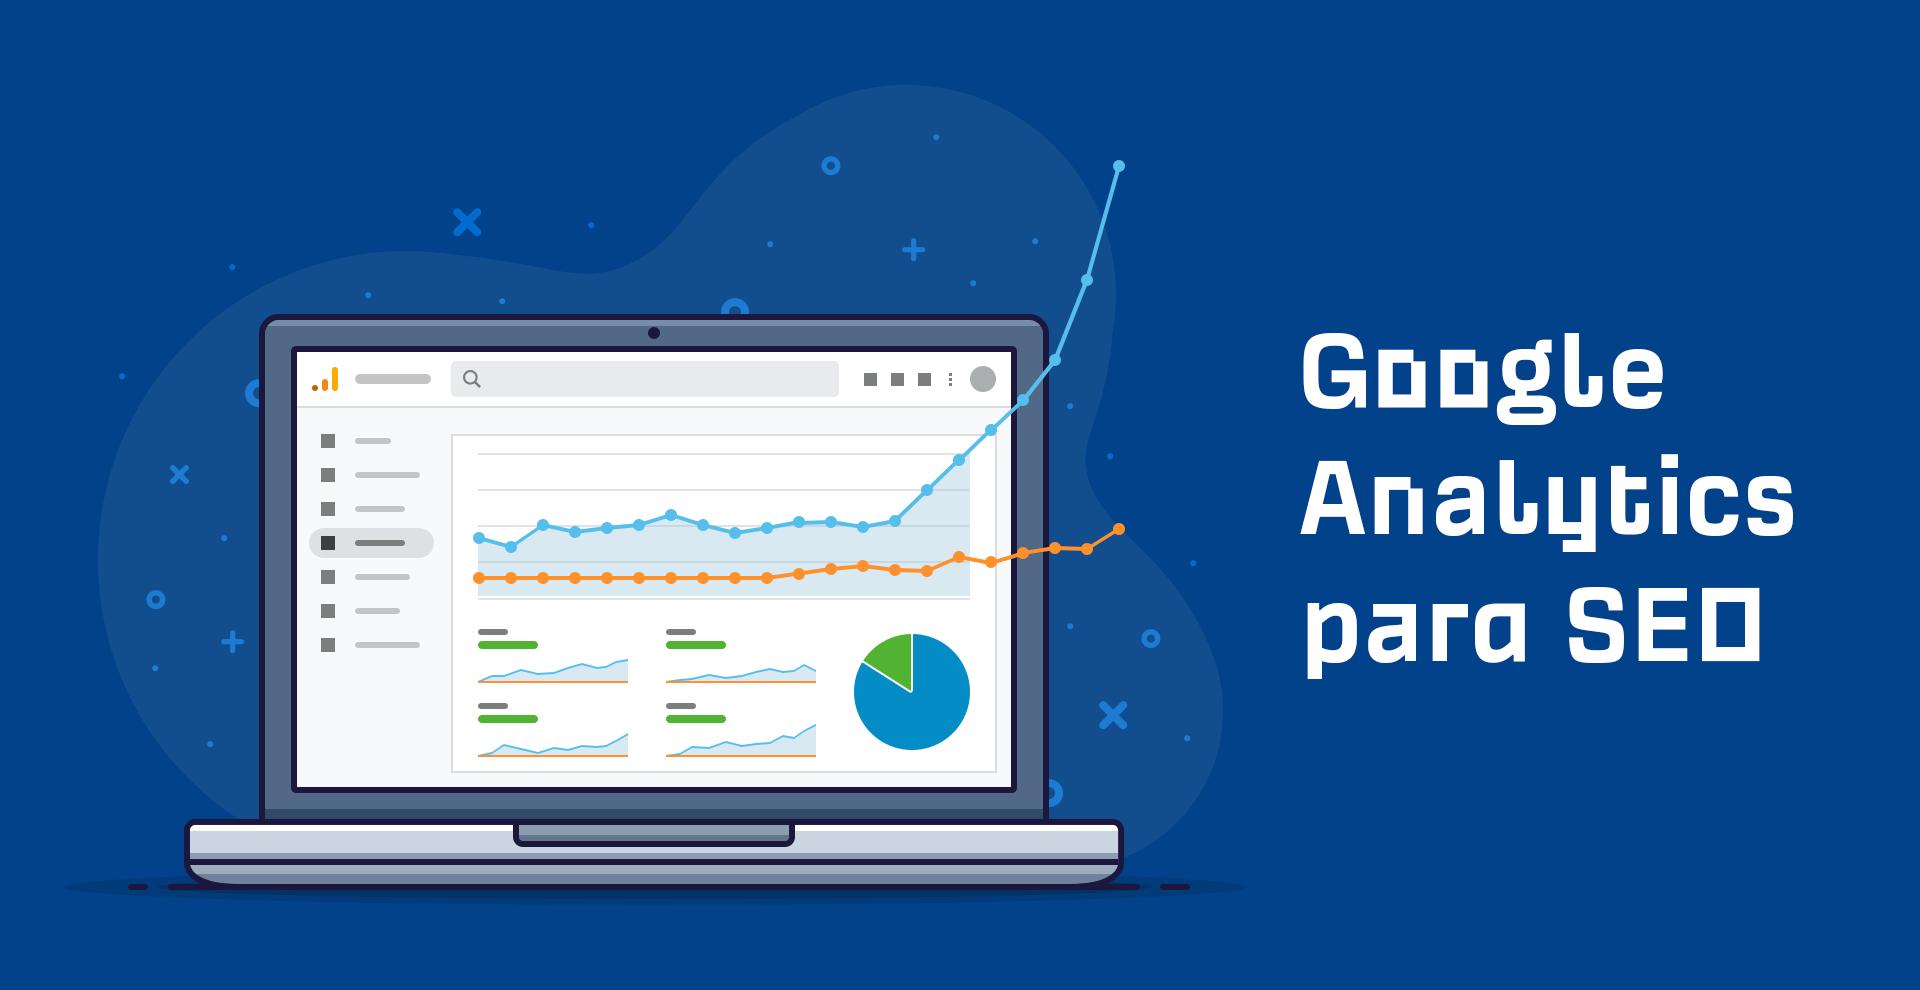 Cómo usar Google Analytics para mejorar el rendimiento de SEO